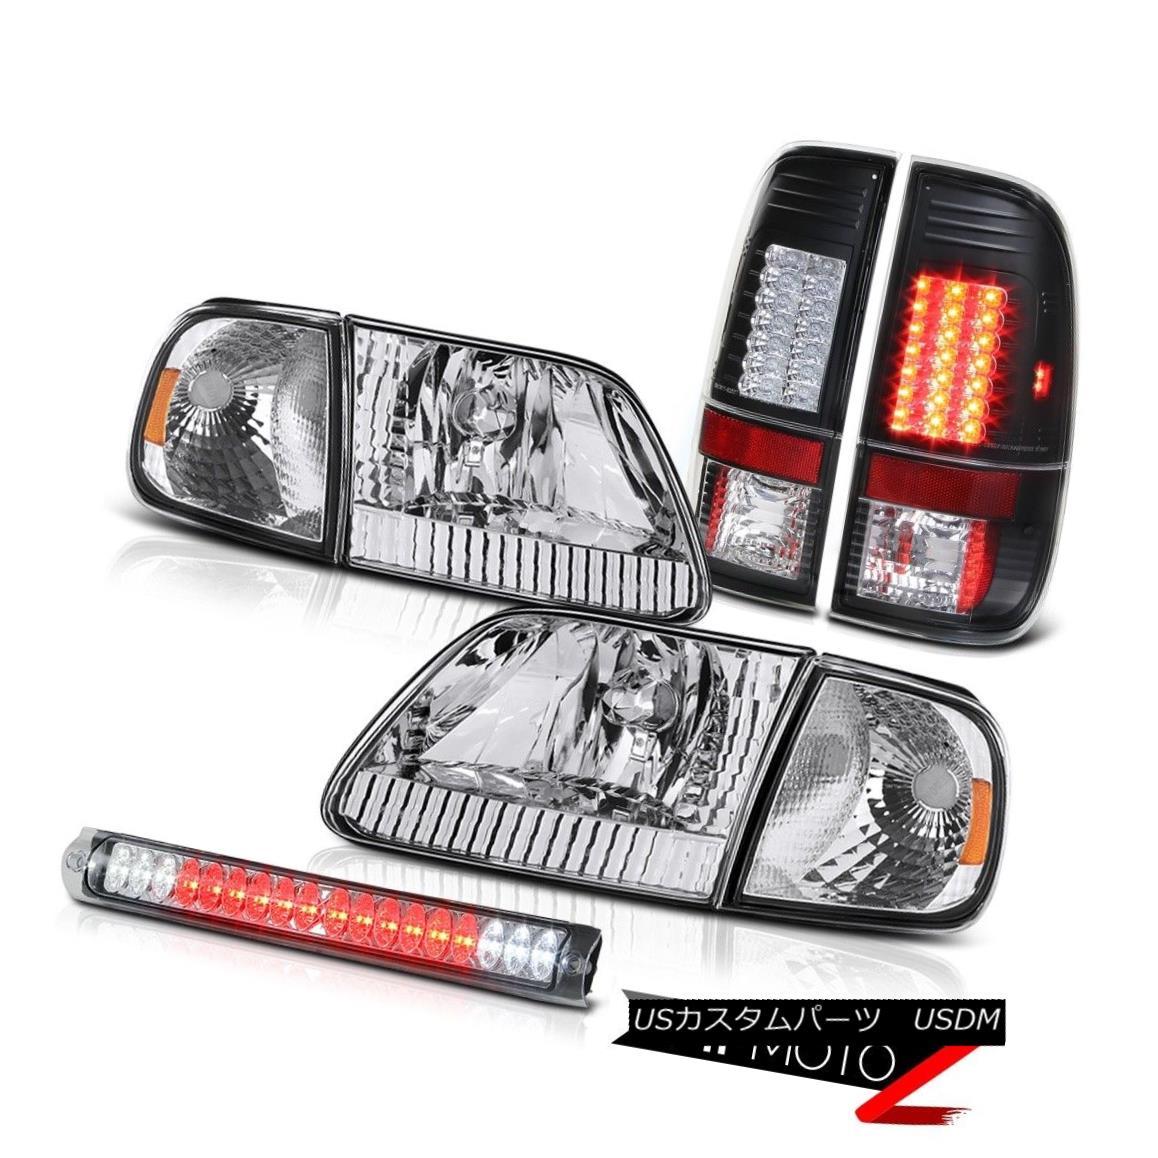 テールライト Clear Headlamps Euro SMD Brake Light Roof Stop LED 97 98 99 00 01 02 03 F150 5.4 クリアヘッドランプユーロSMDブレーキライトルーフストップLED 97 98 99 00 01 02 03 F150 5.4